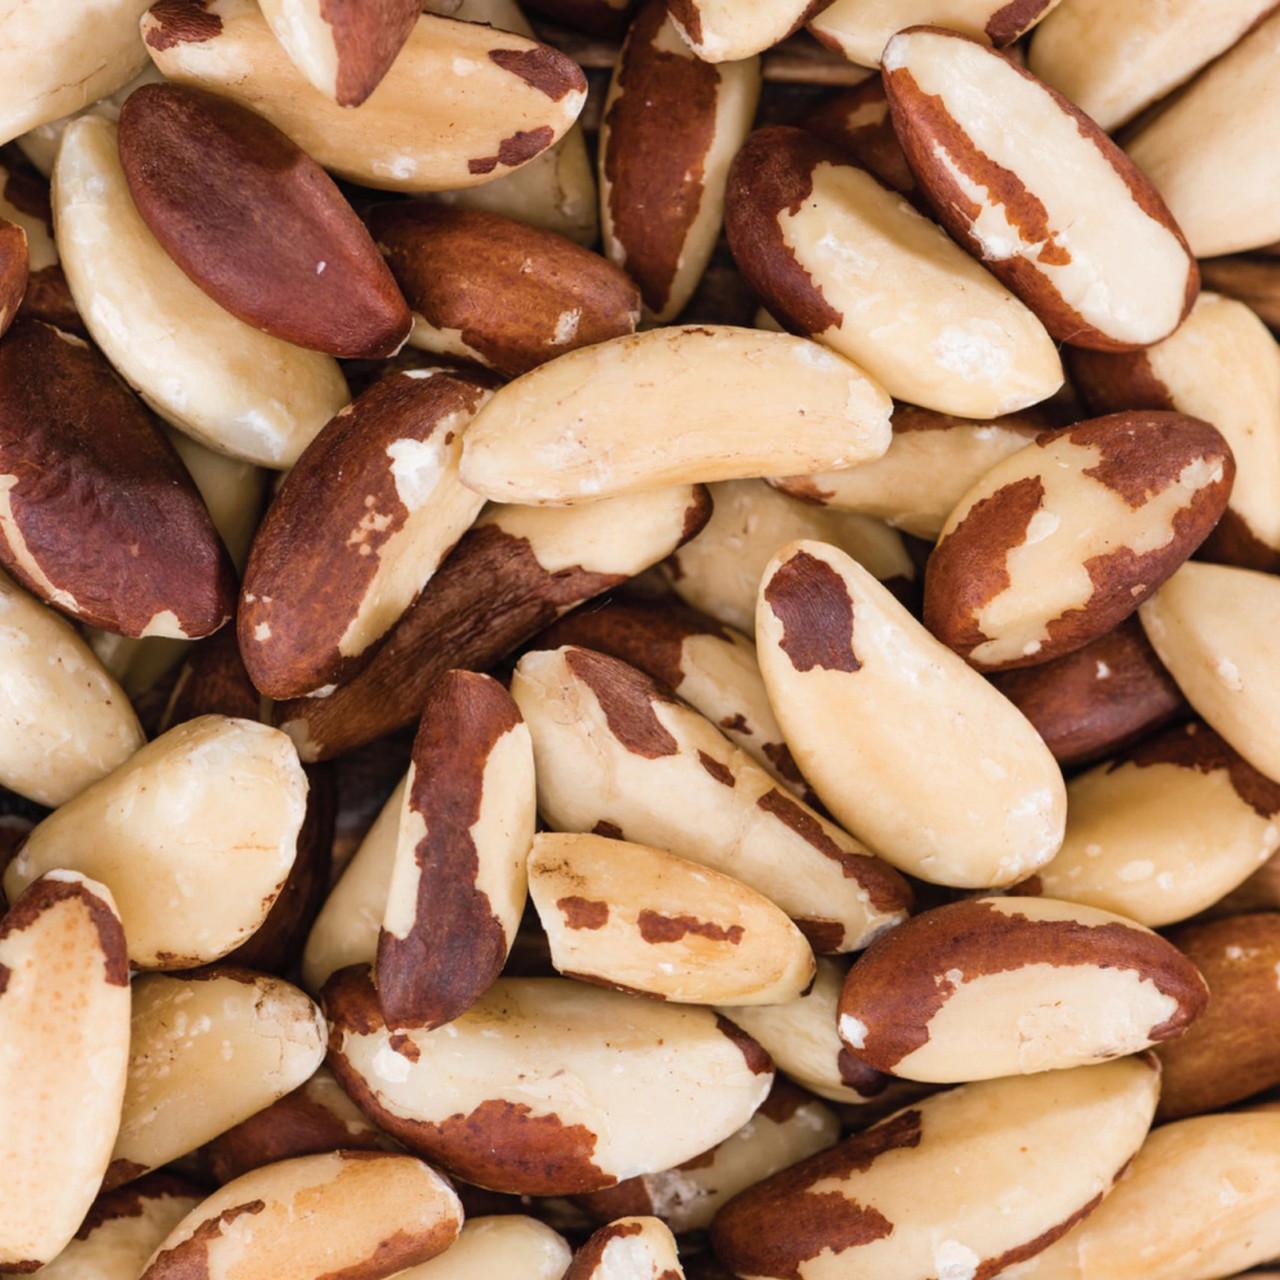 Бразильский орех сушеный, 1кг, калибр медиум, высший сорт, Перу